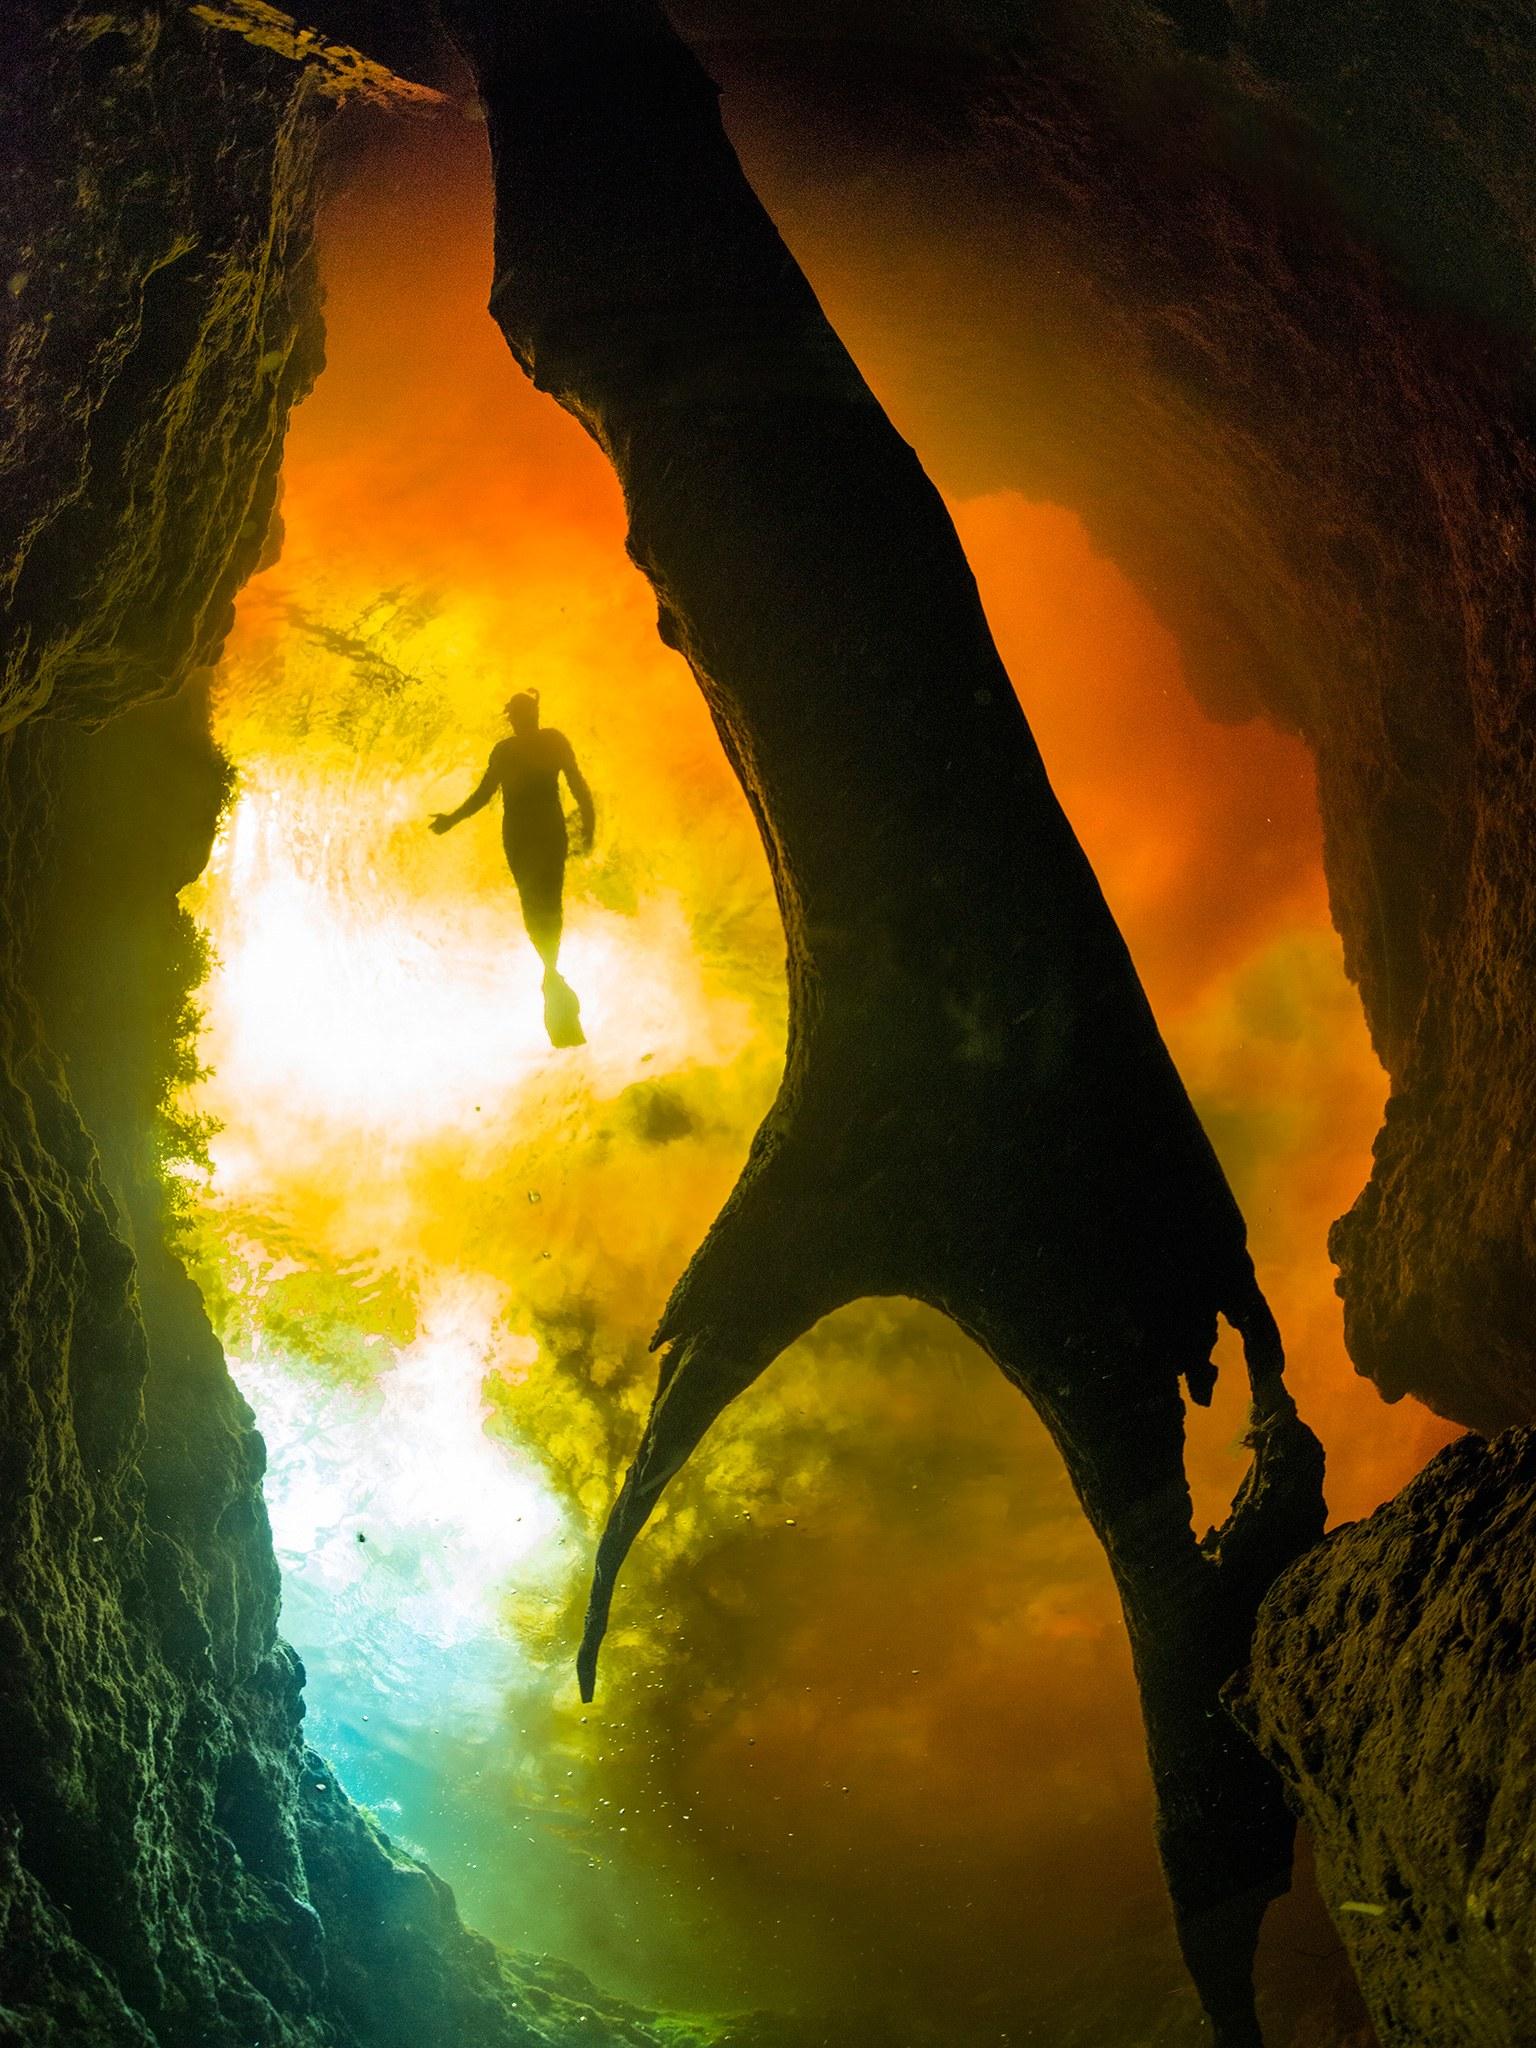 3. Подводная пещера Джинни Спрингс, Флорида, США. Очень красивая и большая пещера с кристально чисто